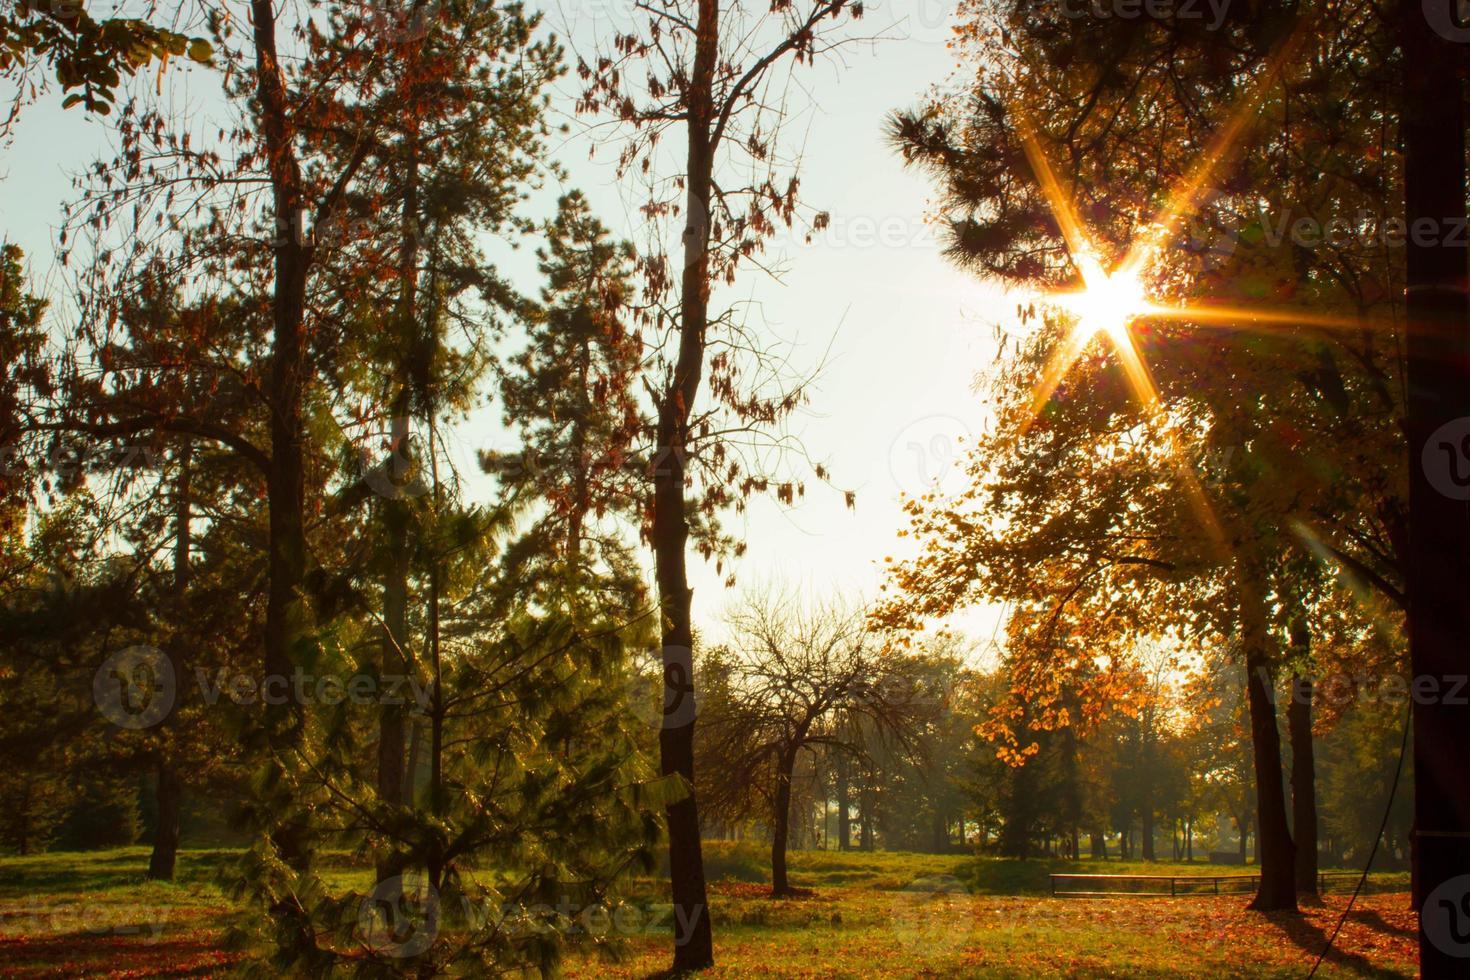 sunflare dietro la cima degli alberi nel parco foto